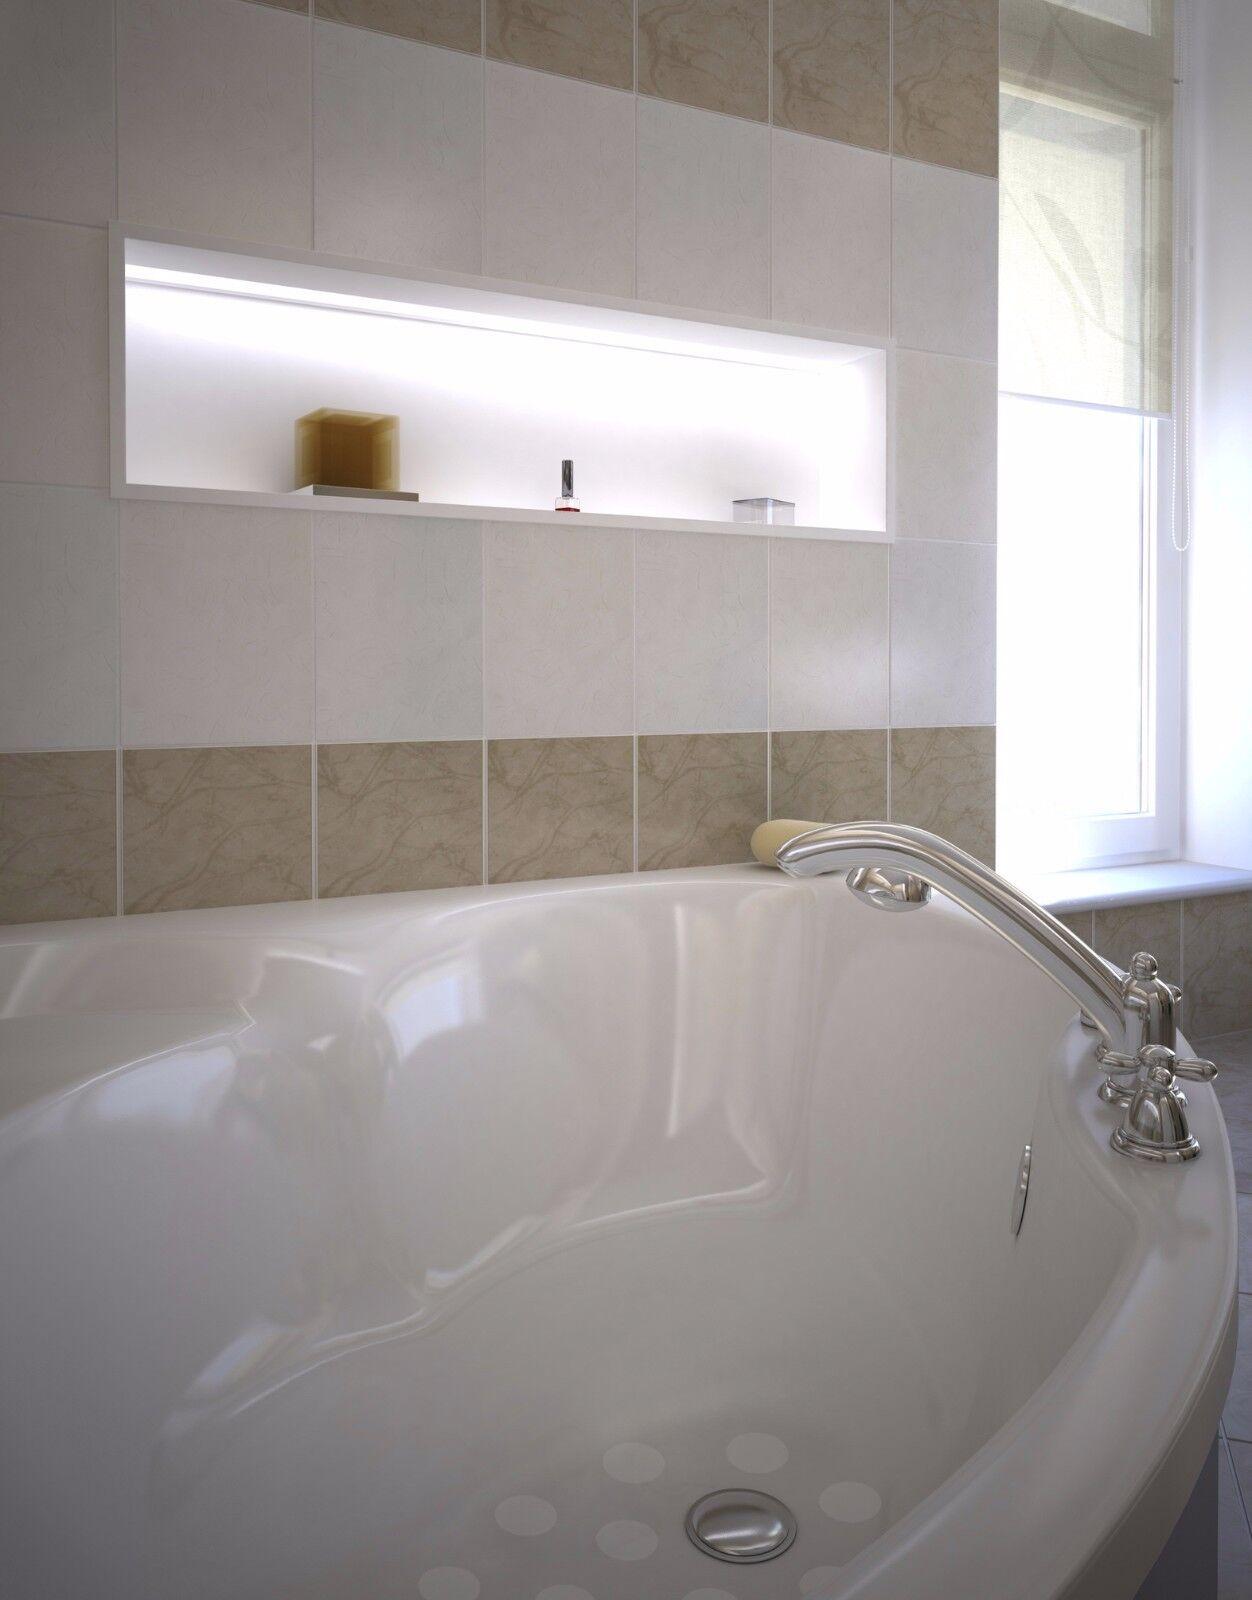 anti rutsch muster 4 verschiedene sticker dusche pad rutschfeste badewanne kaufen bei kay rang. Black Bedroom Furniture Sets. Home Design Ideas